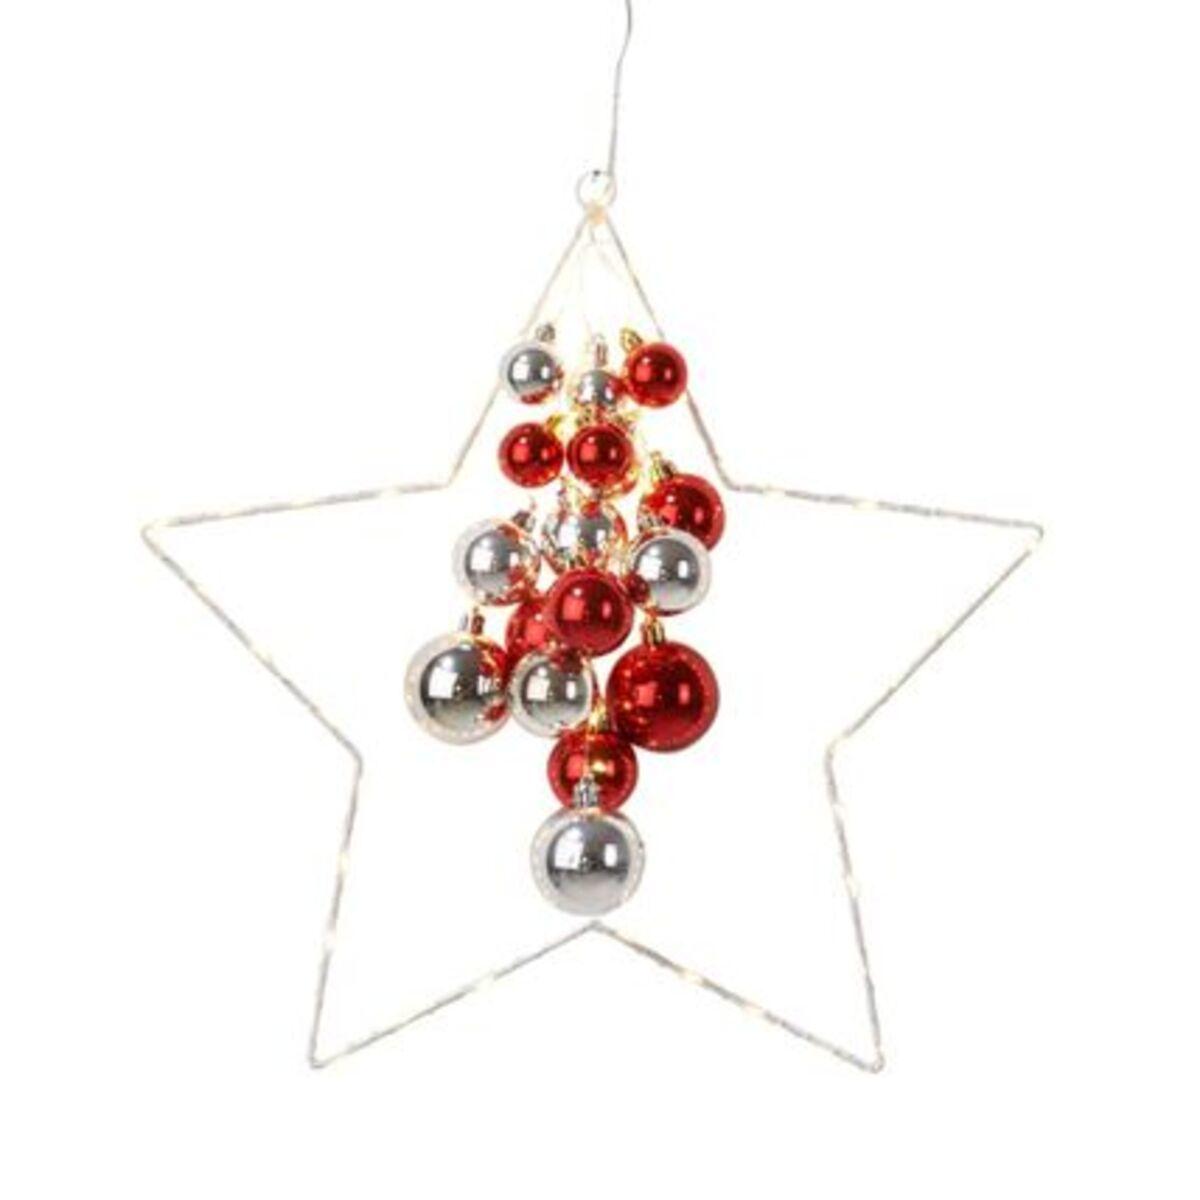 Bild 1 von Pureday LED-Deko-Objekt 'Starlight', Silberfarben/Rot, klein, silberfarben/rot